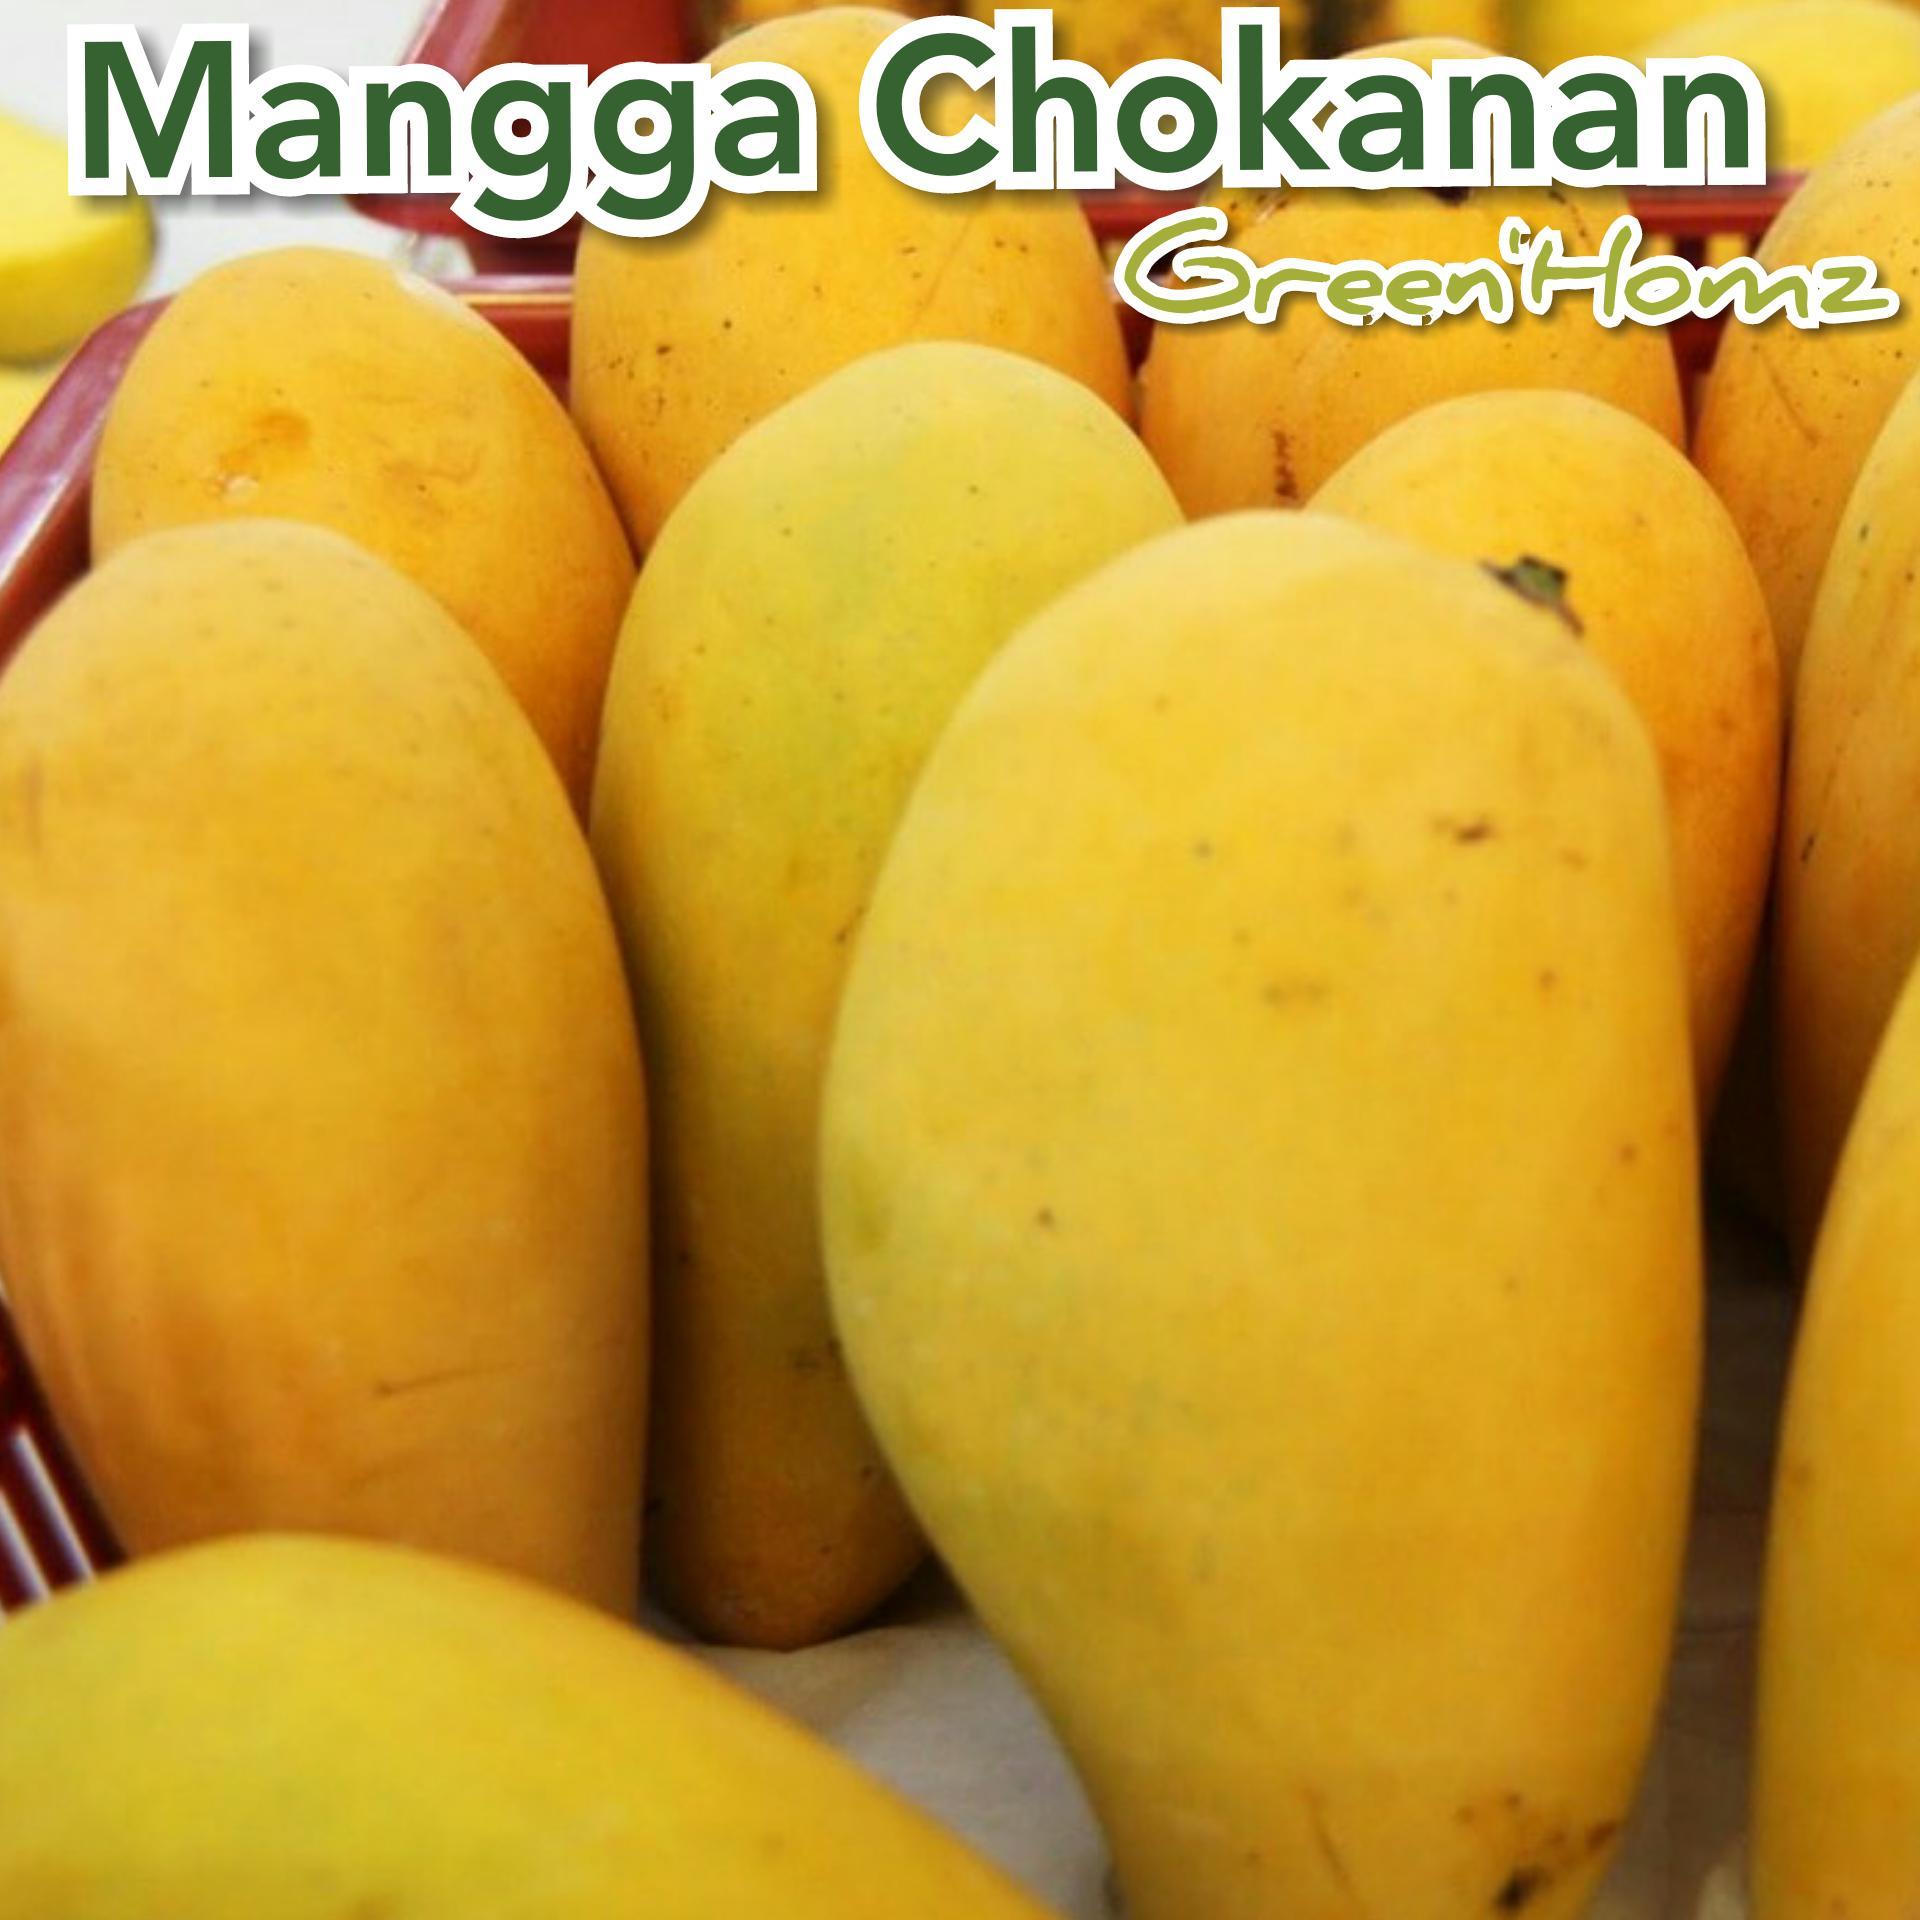 bibit mangga cokanan/chouk an nan/THAILAND